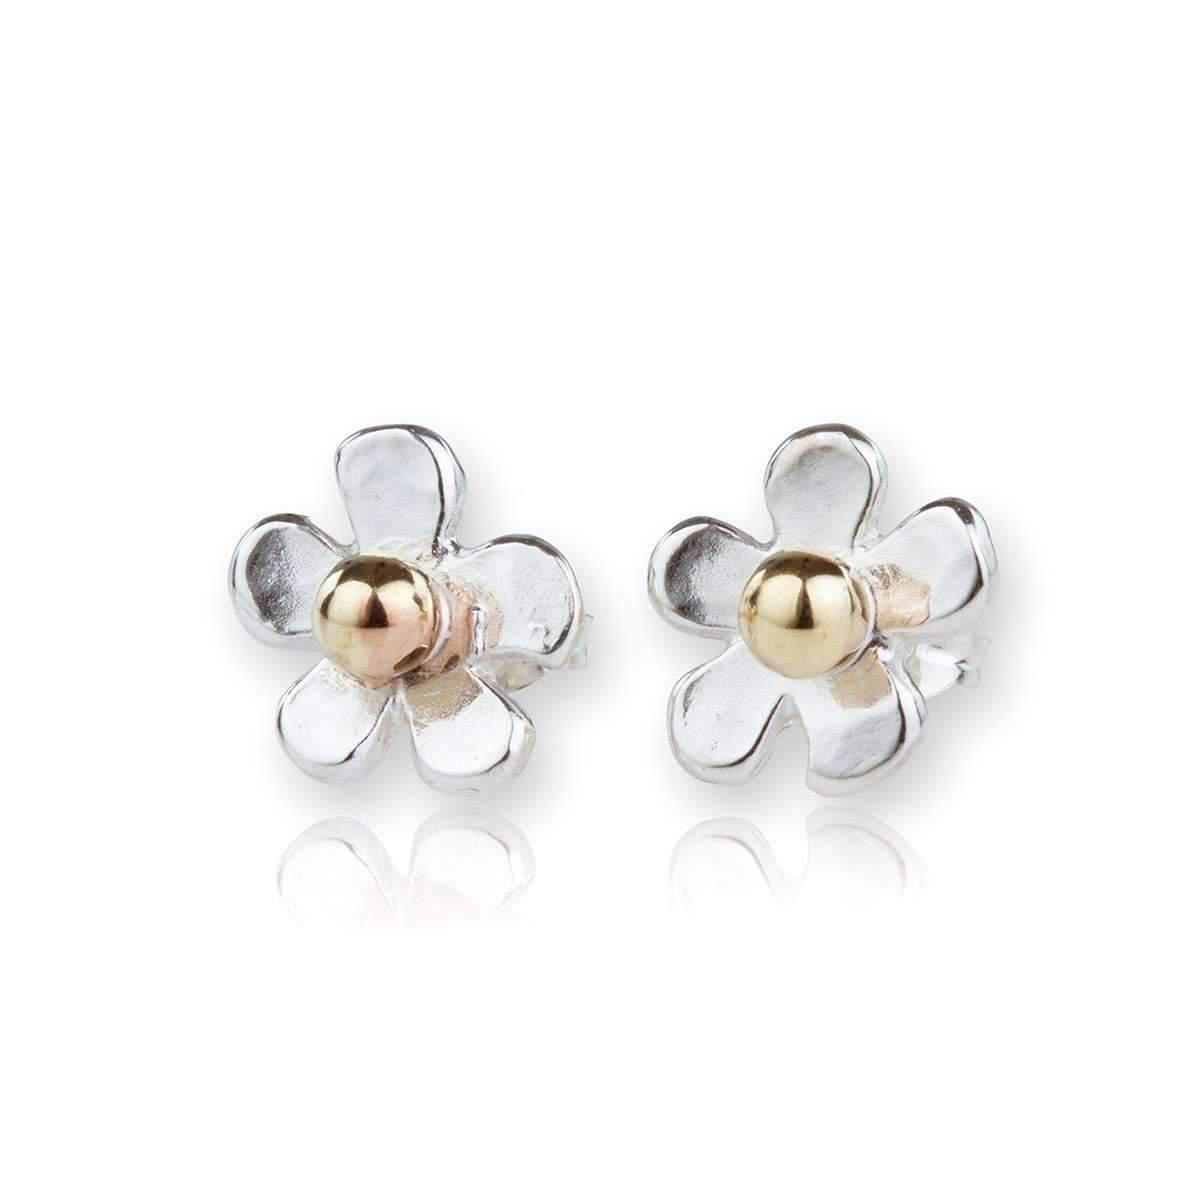 Lavan Sterling Silver & White Pearl Stud Earrings A2ZRIdu